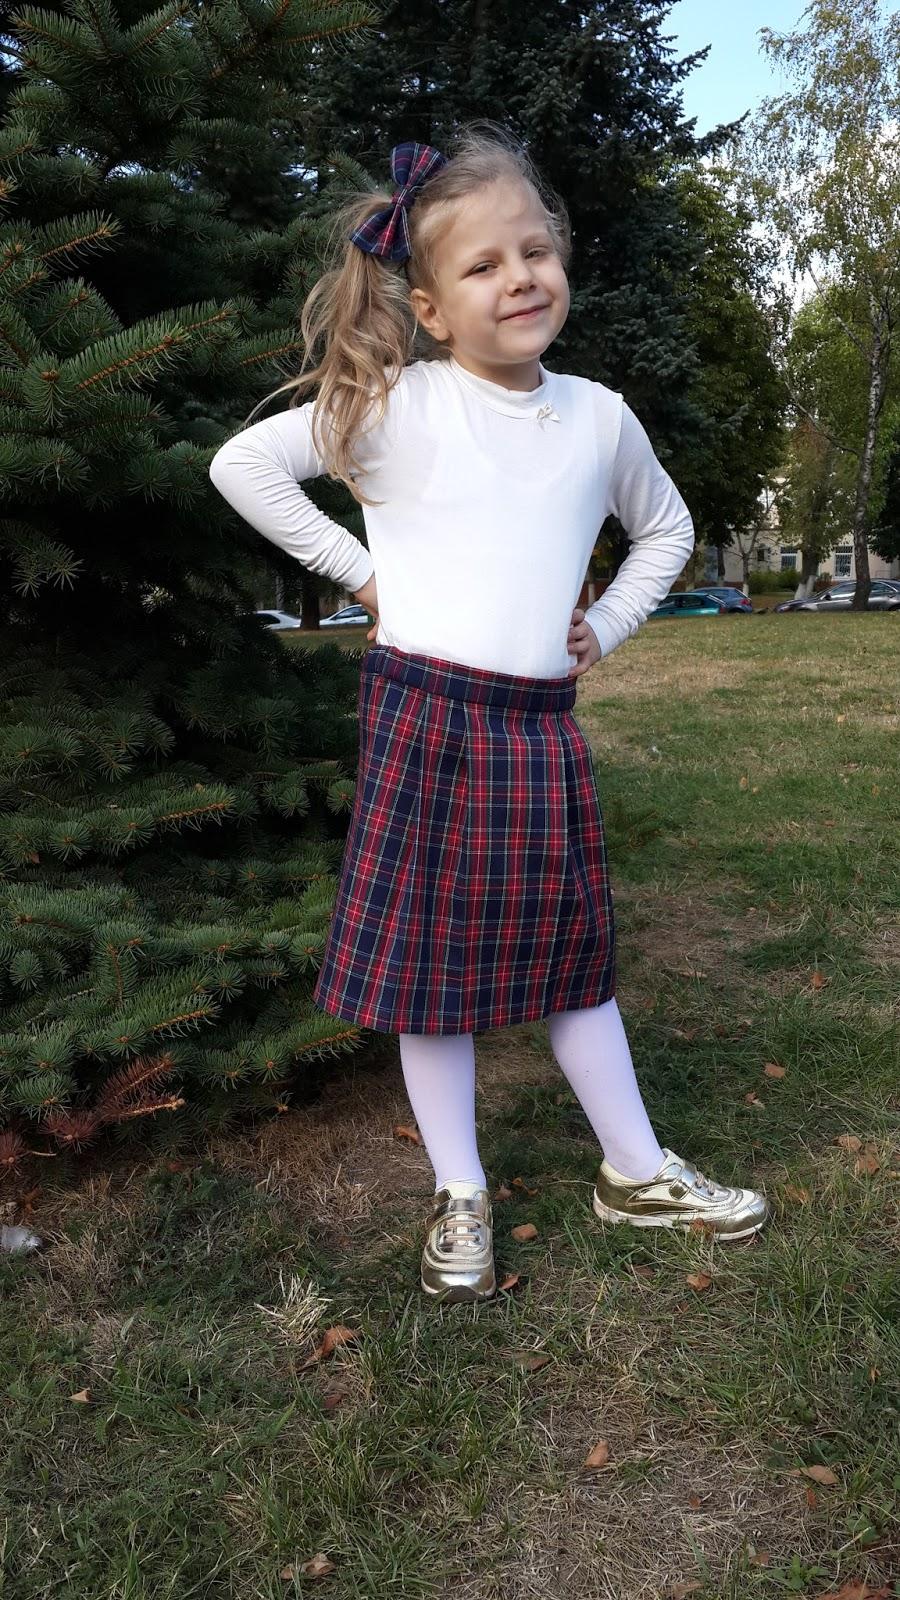 снял у школьницы под юбкой